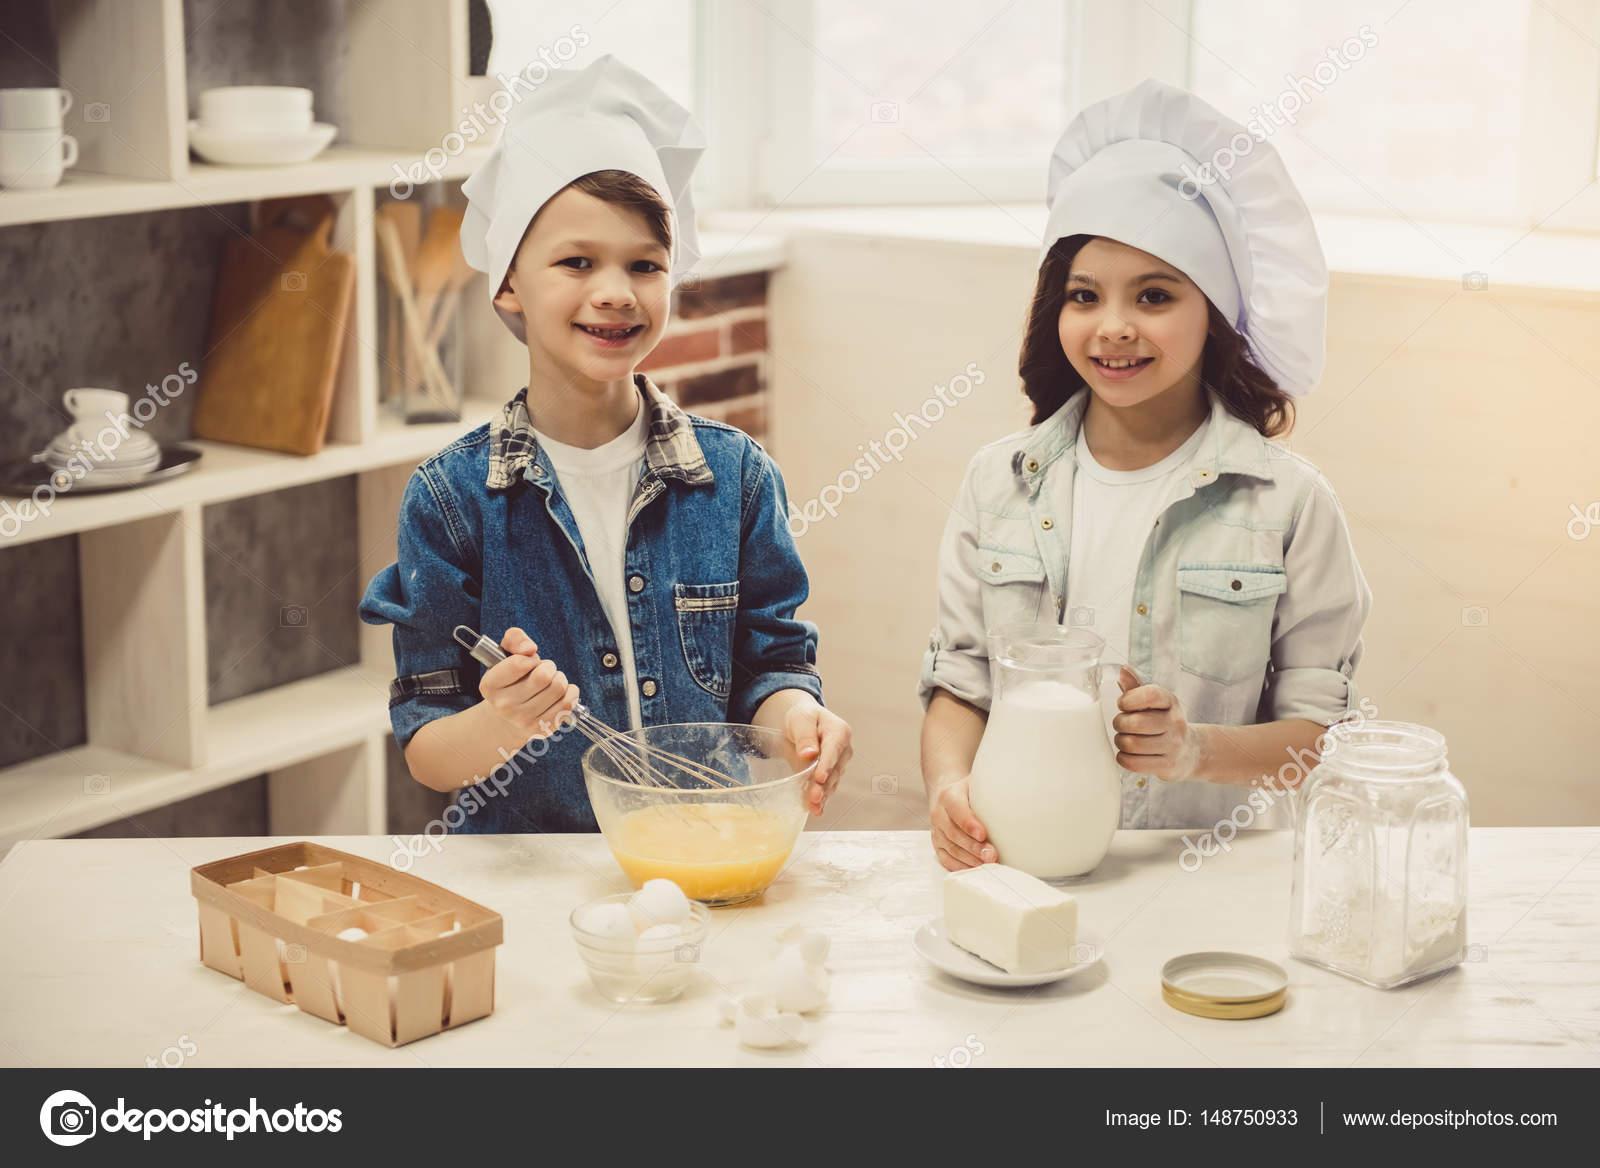 Keuken Voor Kinderen : Kinderen bakken in de keuken u stockfoto vadimphoto gmail